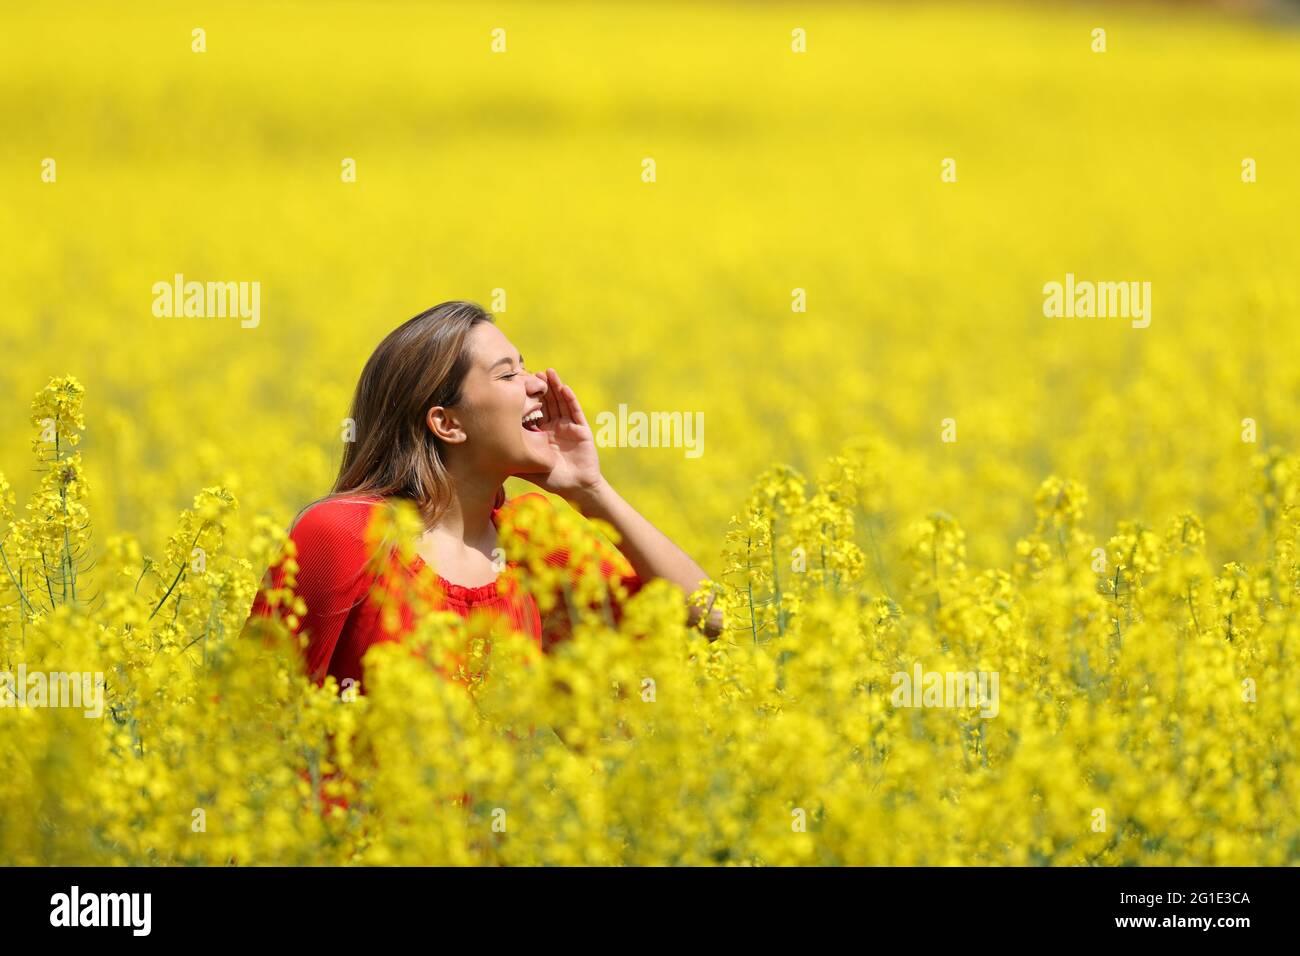 Vista lateral retrato de una mujer feliz en rojo gritando en un campo amarillo en la temporada de primavera Foto de stock